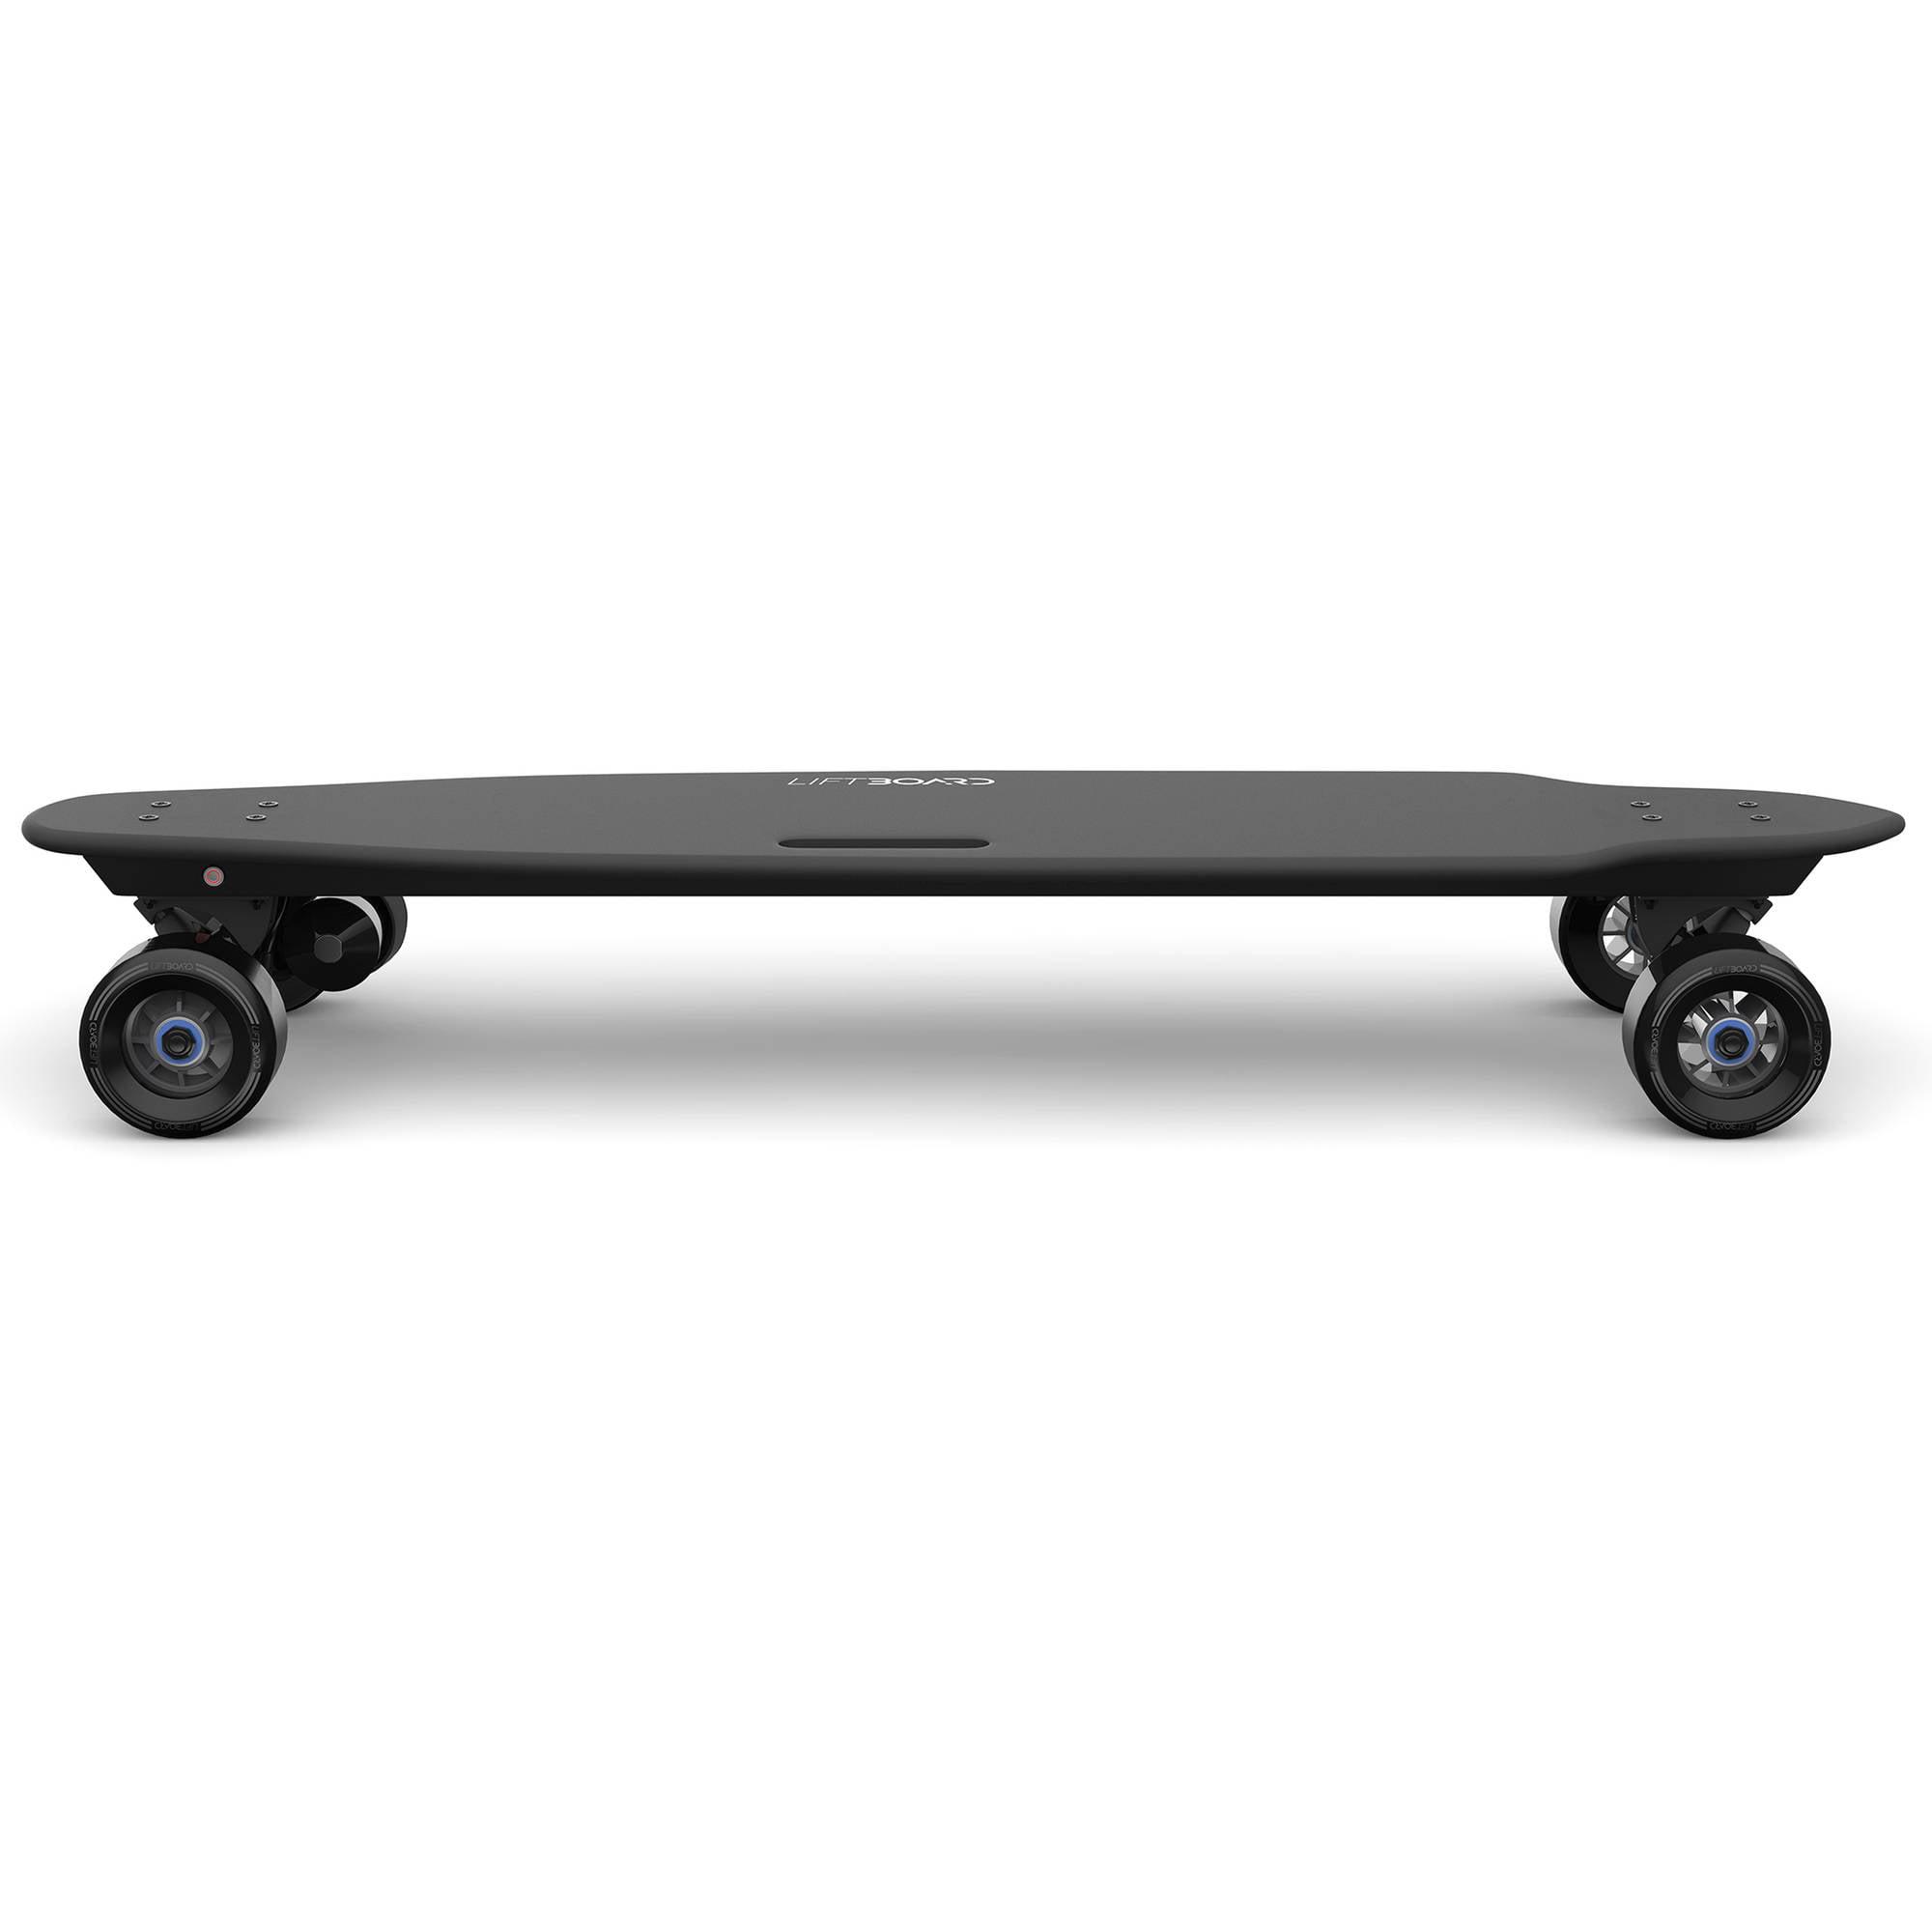 Liftboard Single Motor Electric Skateboard by GOBOARDS